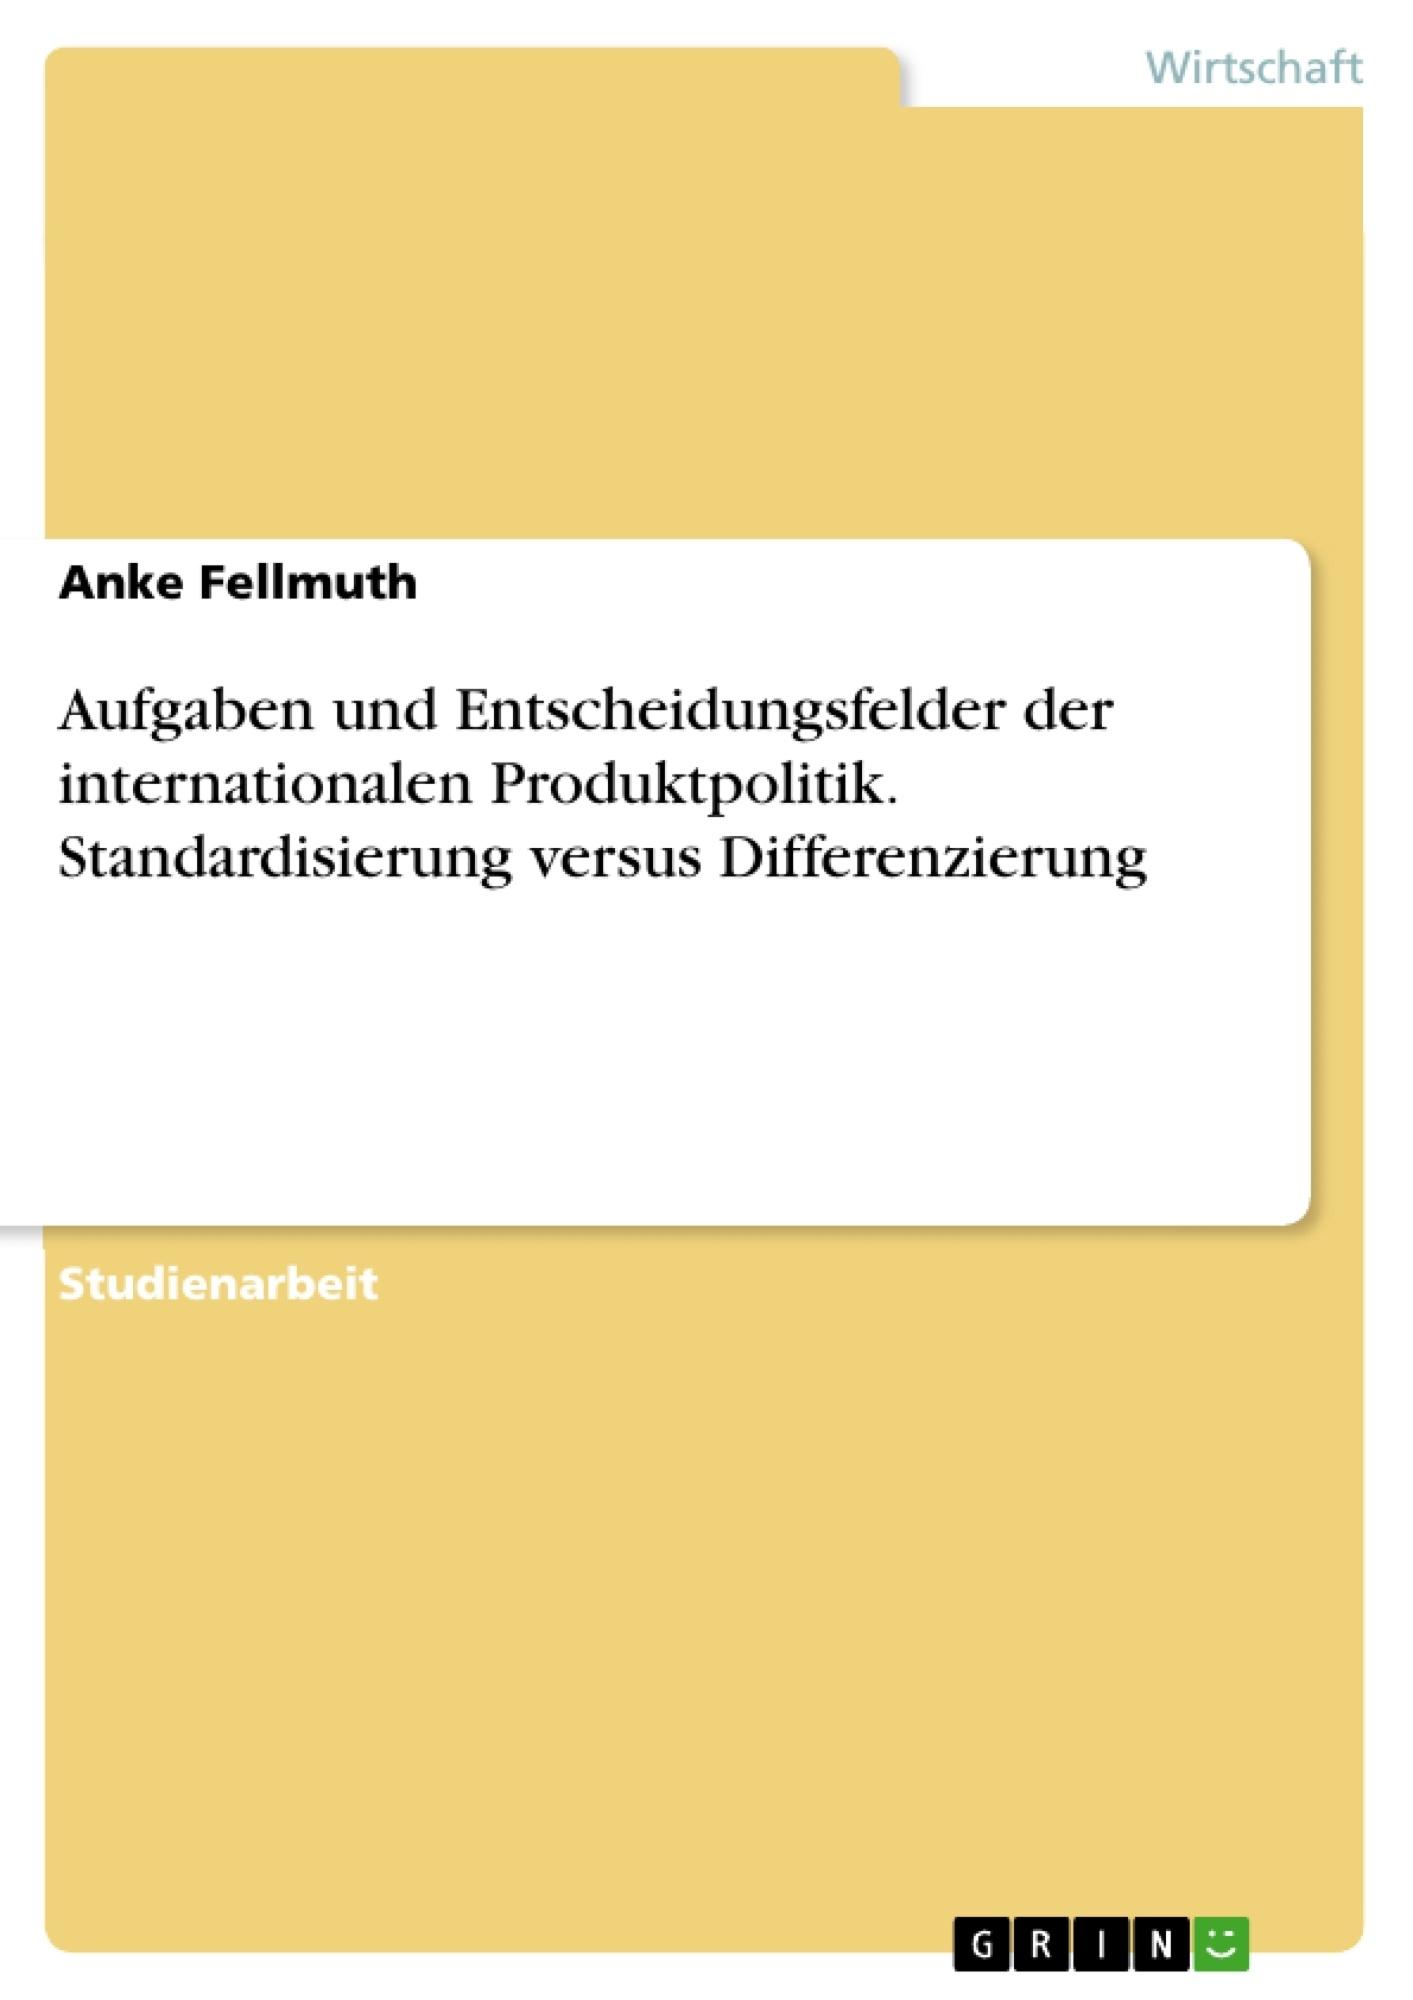 Titel: Aufgaben und Entscheidungsfelder der internationalen Produktpolitik. Standardisierung versus Differenzierung